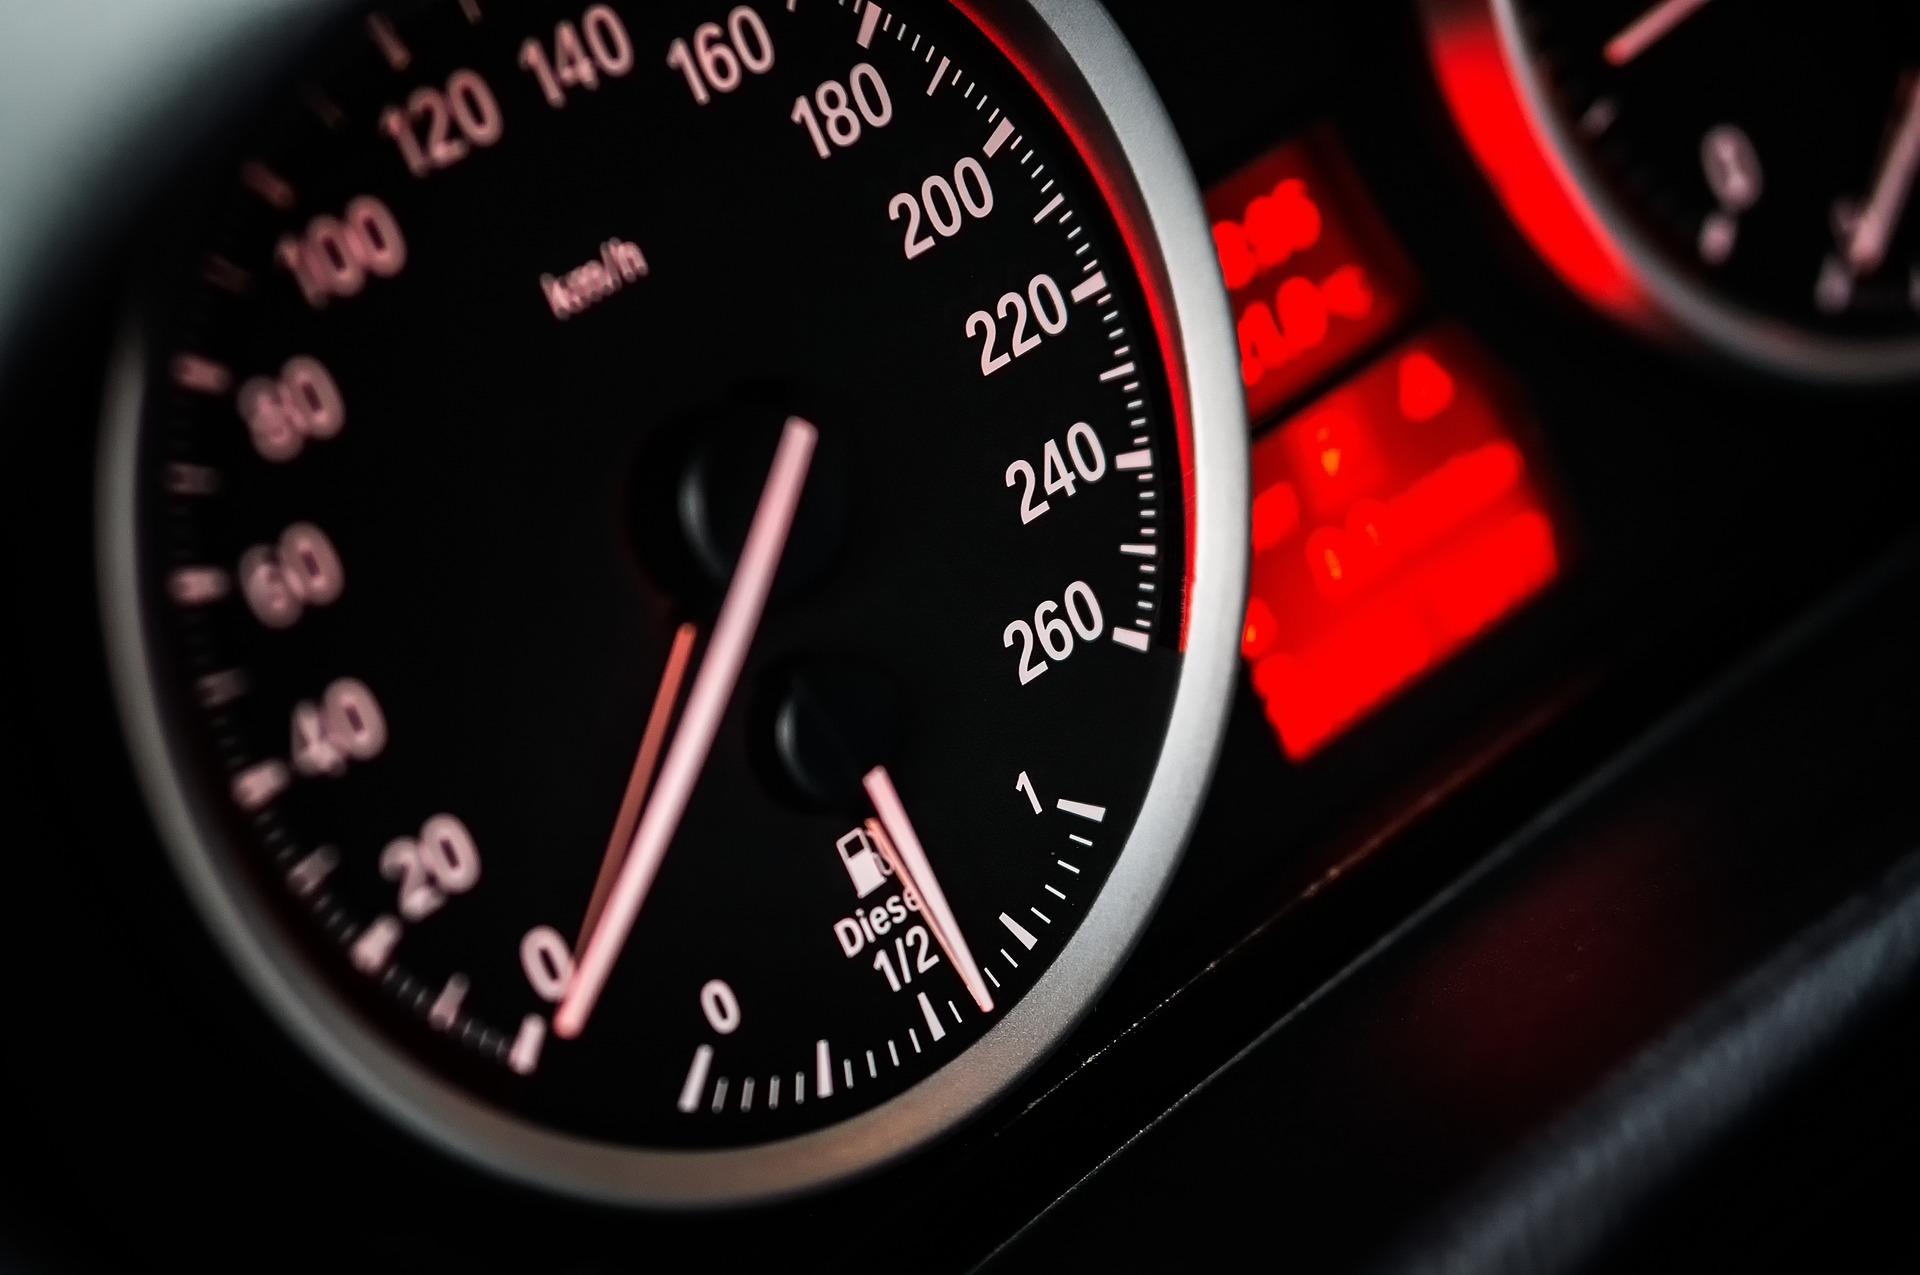 Rachat BMW Serie 1, Reprise BMW 116i, 118i, 120i, 123i, 116d, 118d, 120d, 123d, avec ou sans CT, en panne, moteur HS, boite HS, accidentée, pour pièces ou pour export. Pro Delivauto rachète BMW serie 1 au prix le plus fort, meilleur q'un garage ou concession BMW. Rachat BMW serie 1 d'occasion non roulante.